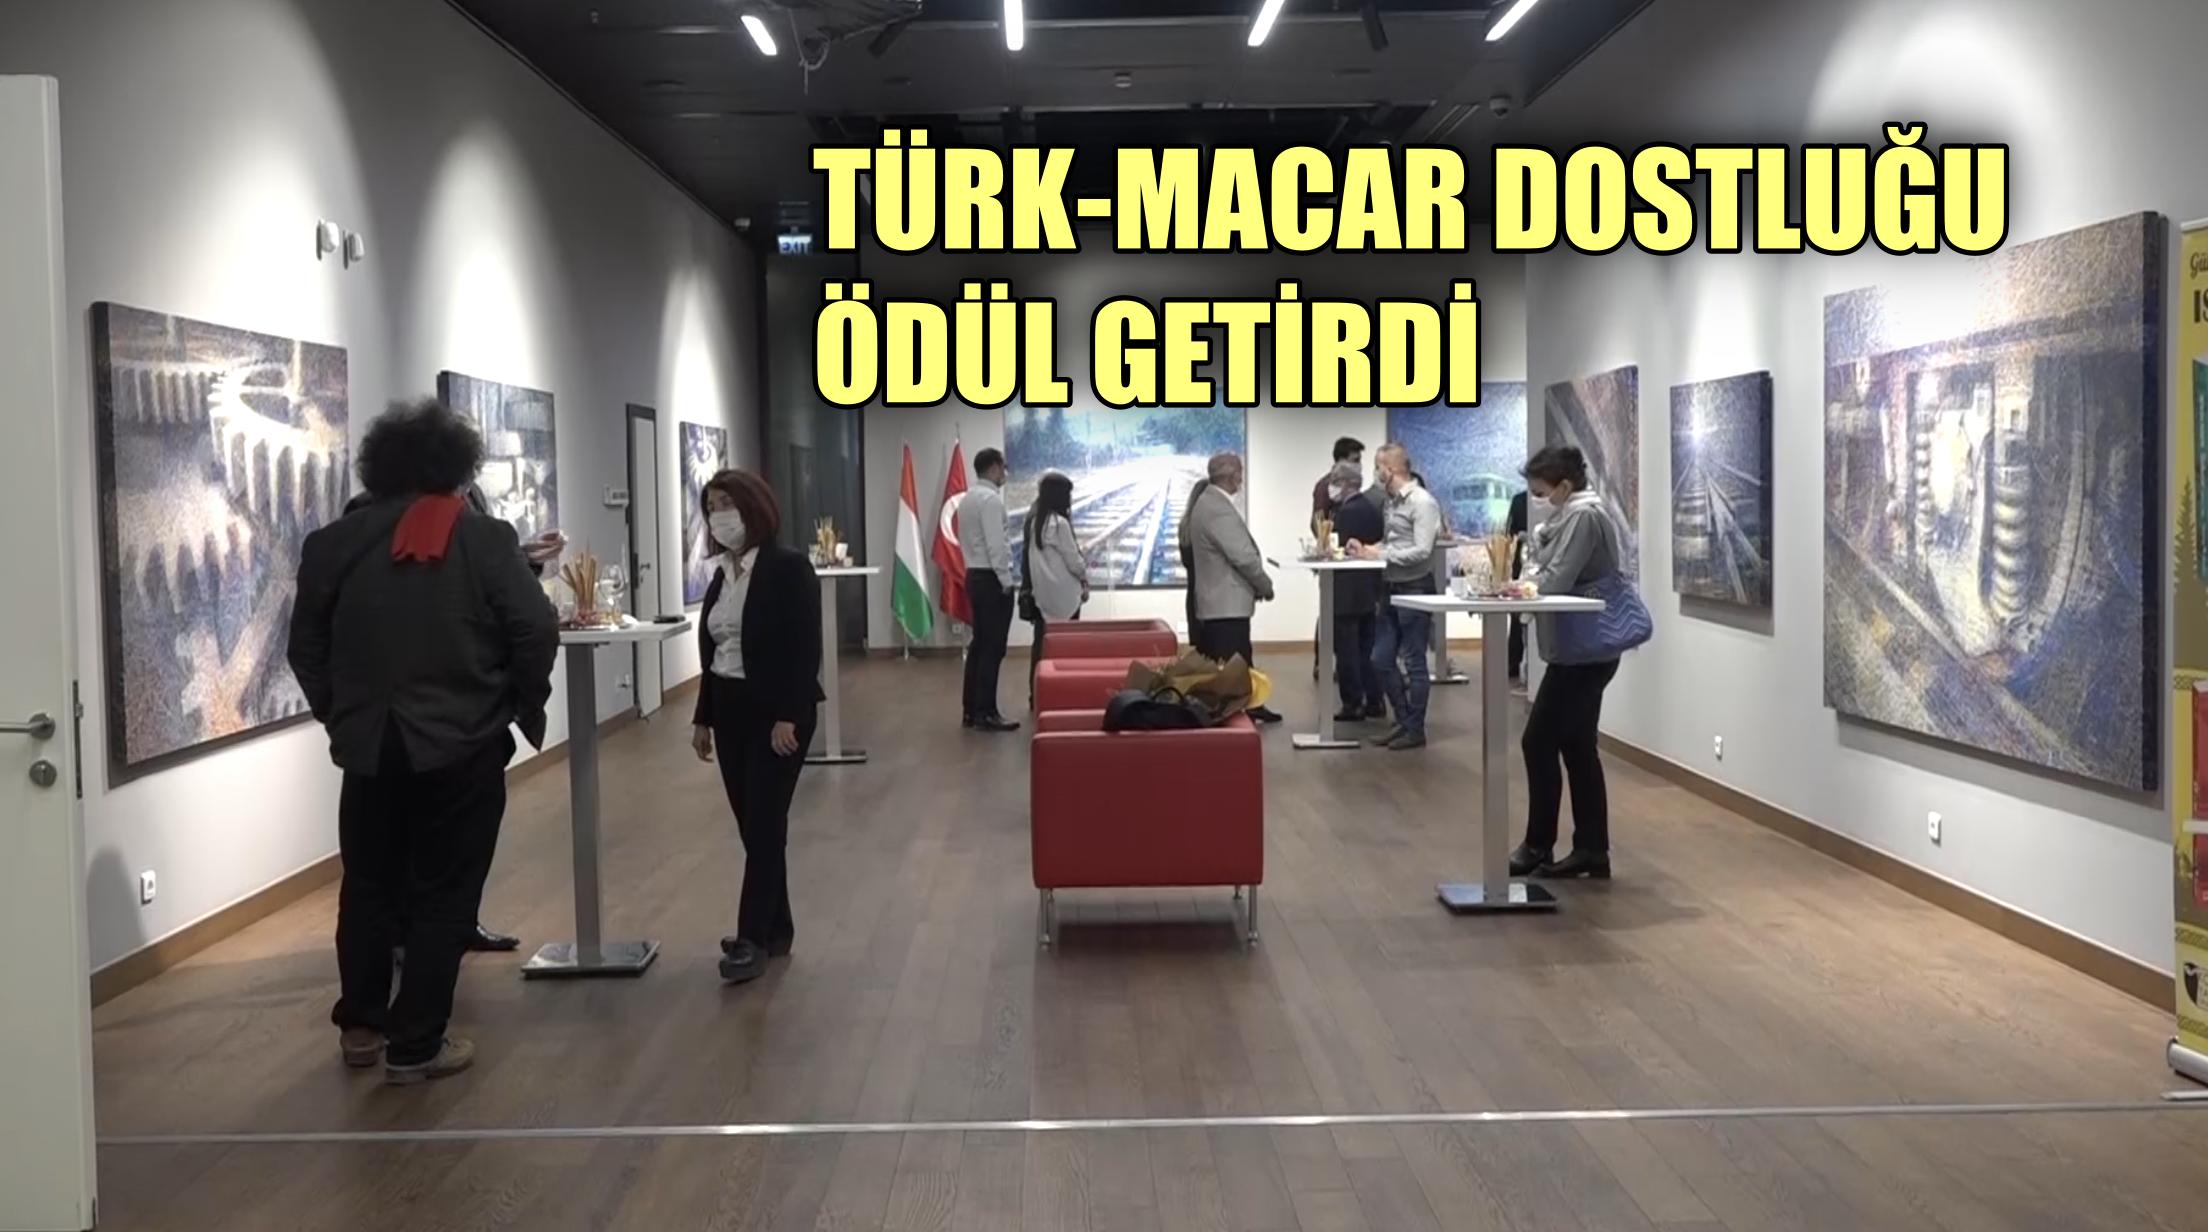 Türk-Macar dostluğu ödül getirdi